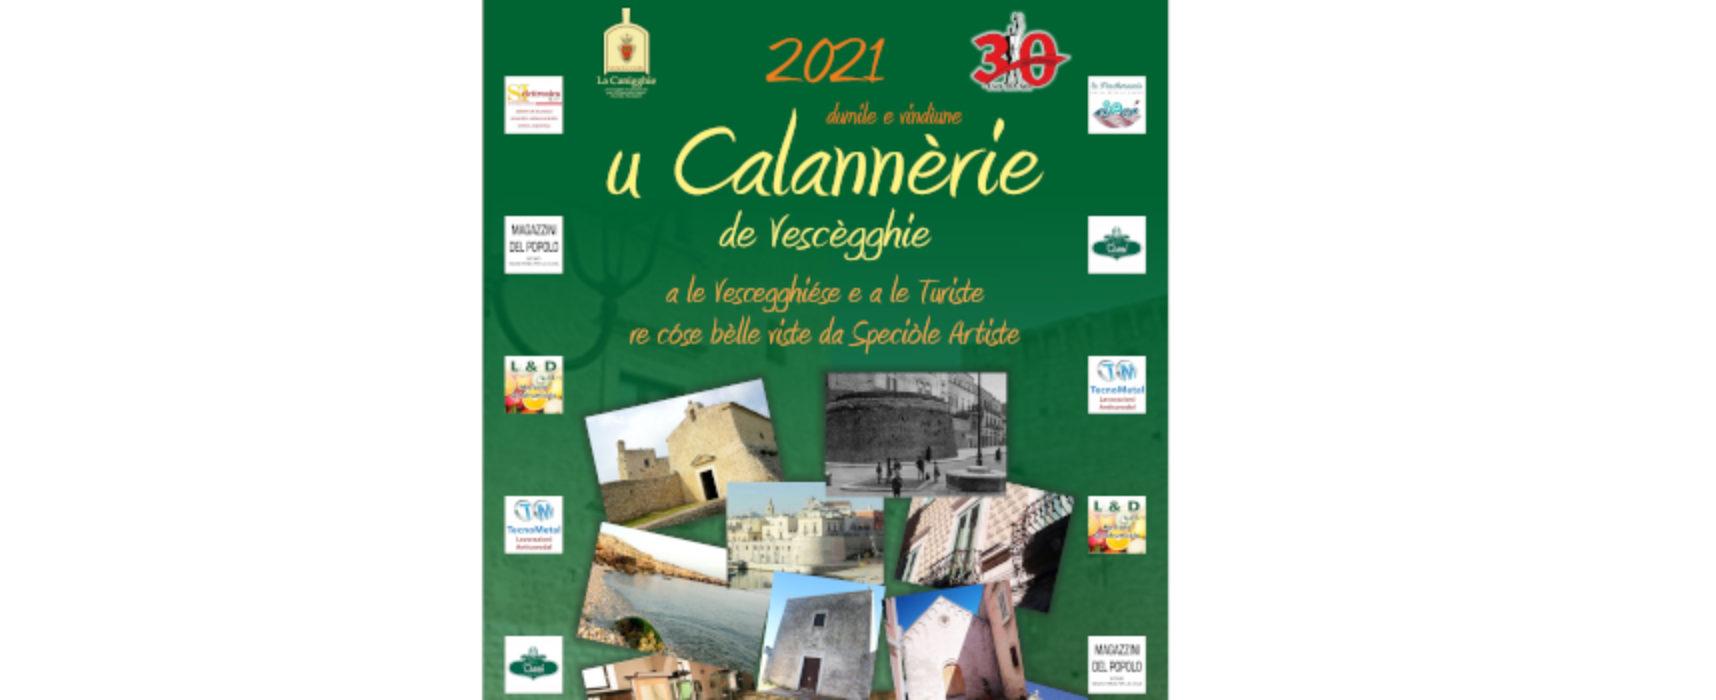 Calendario dialettale biscegliese, una tradizione che si rinnova / DOVE RICHIEDERLO